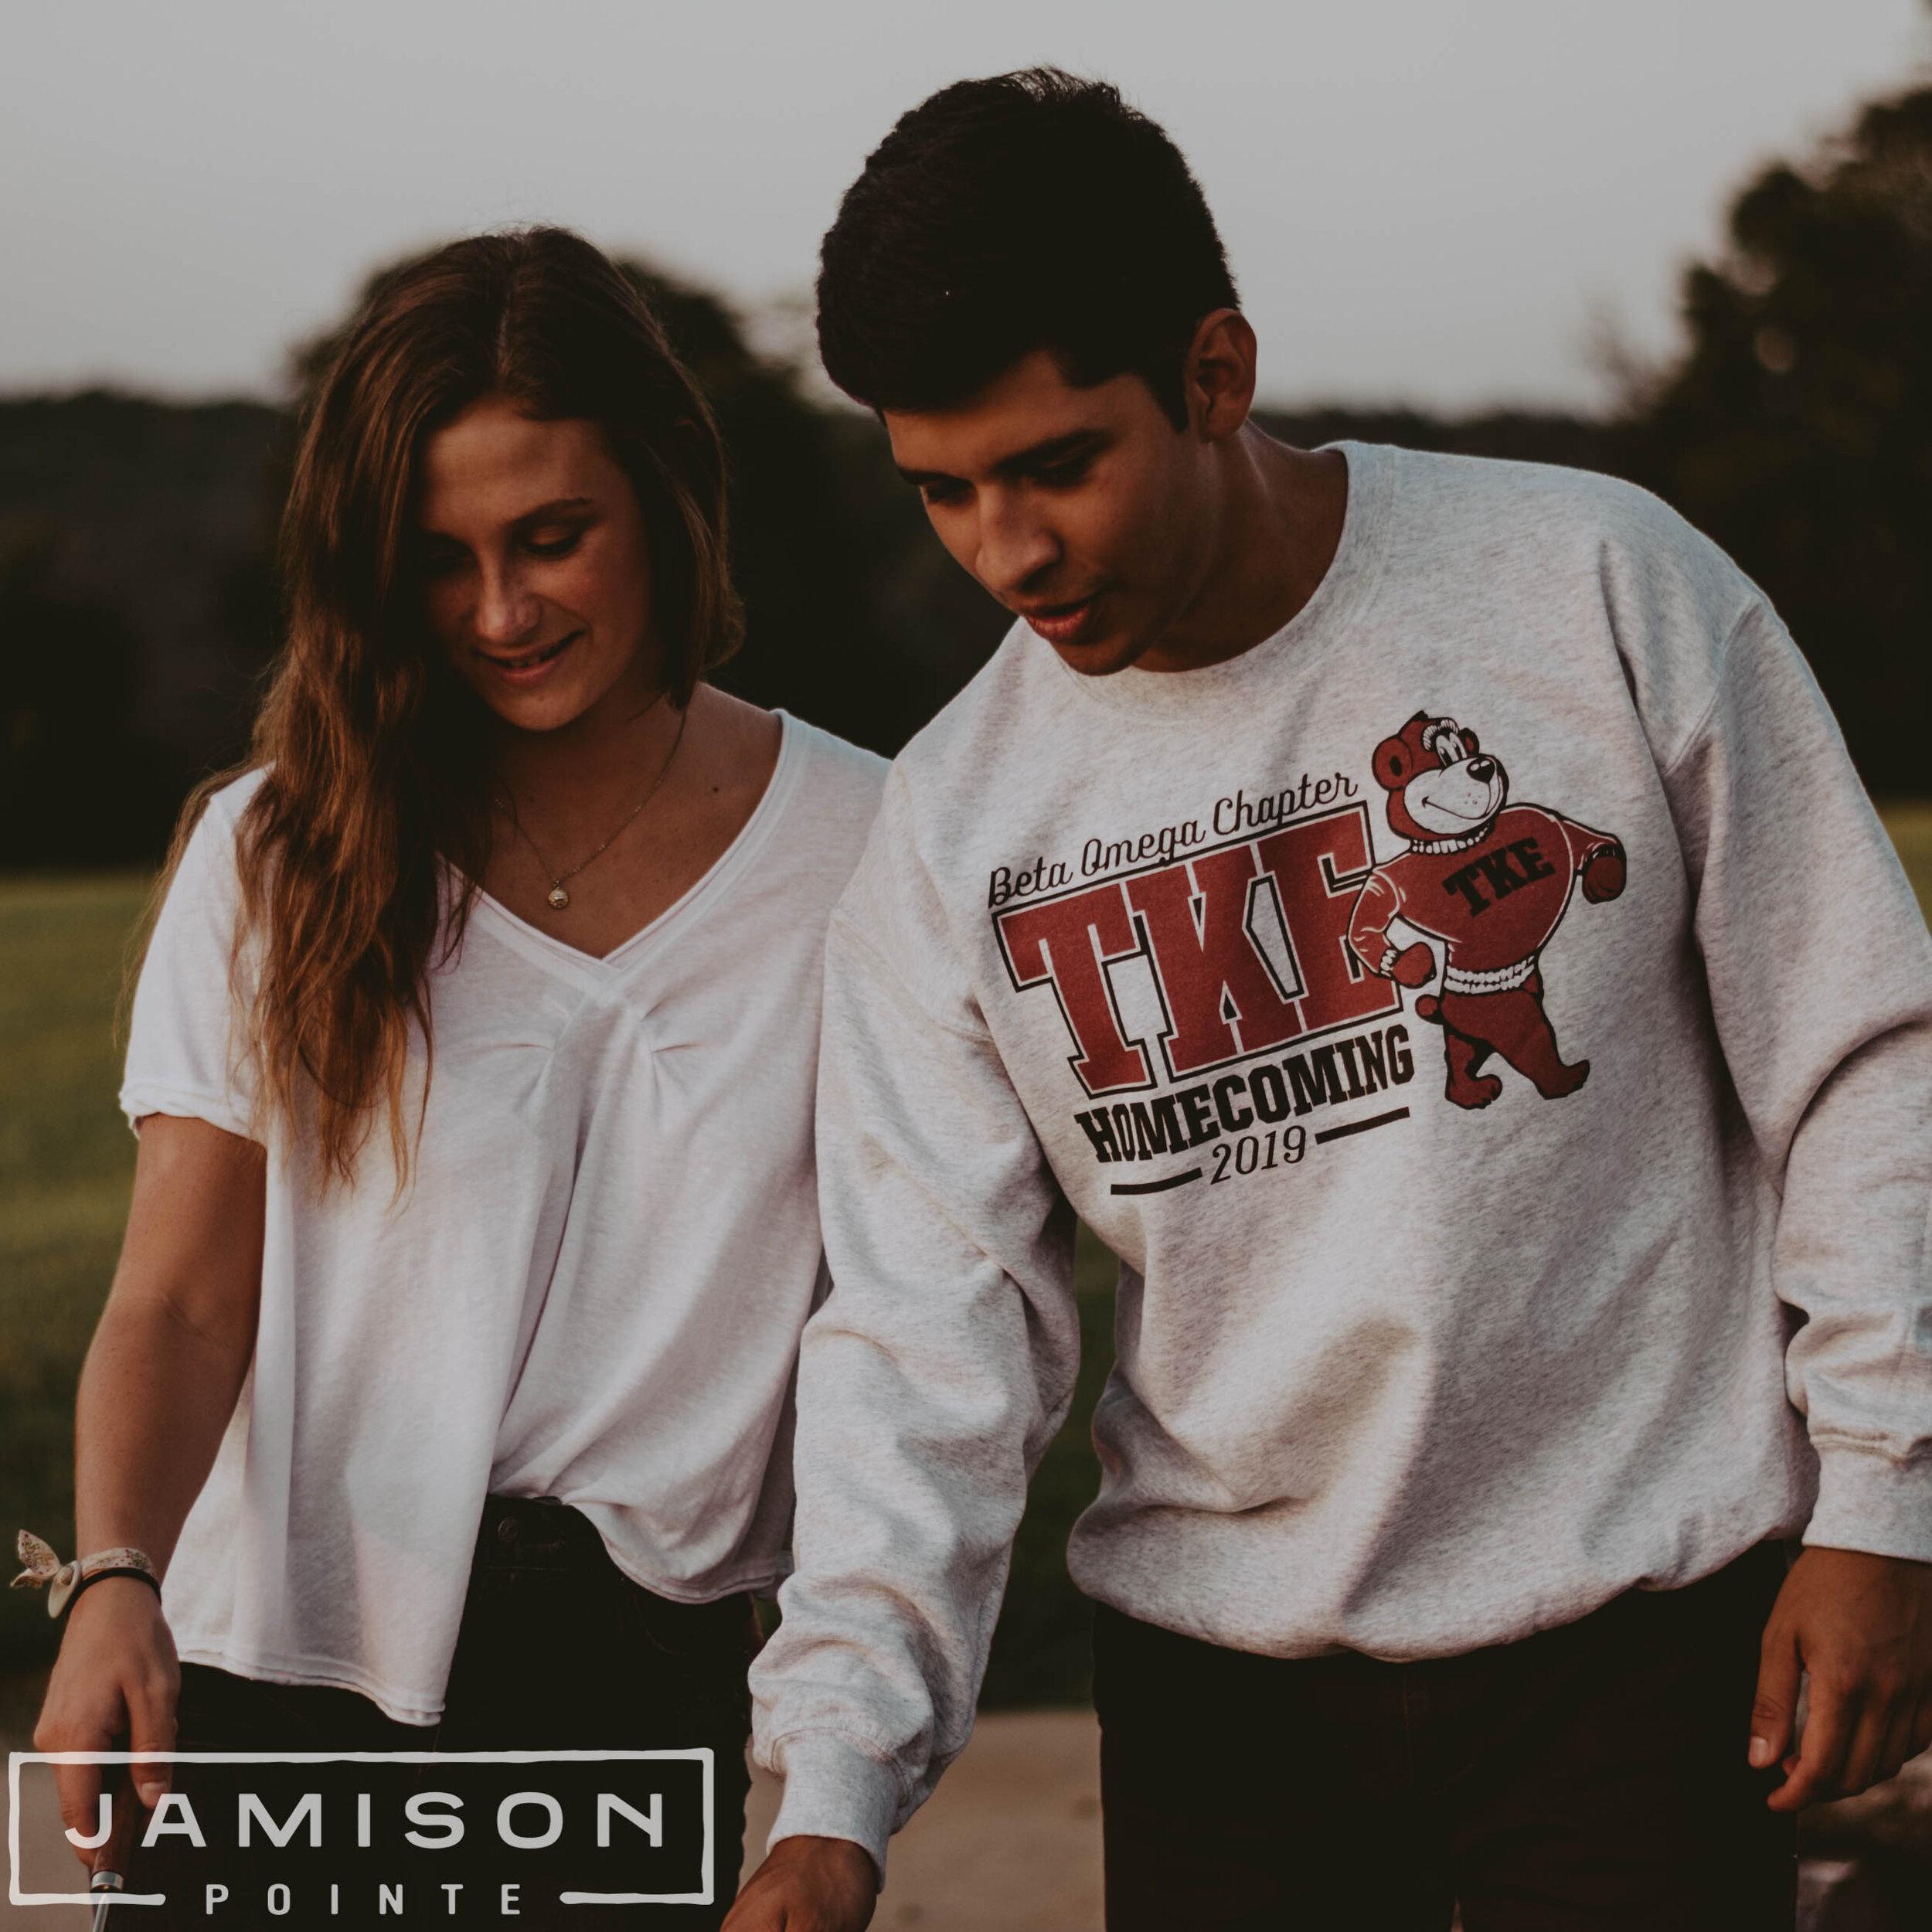 TKE Homecoming Sweatshirt